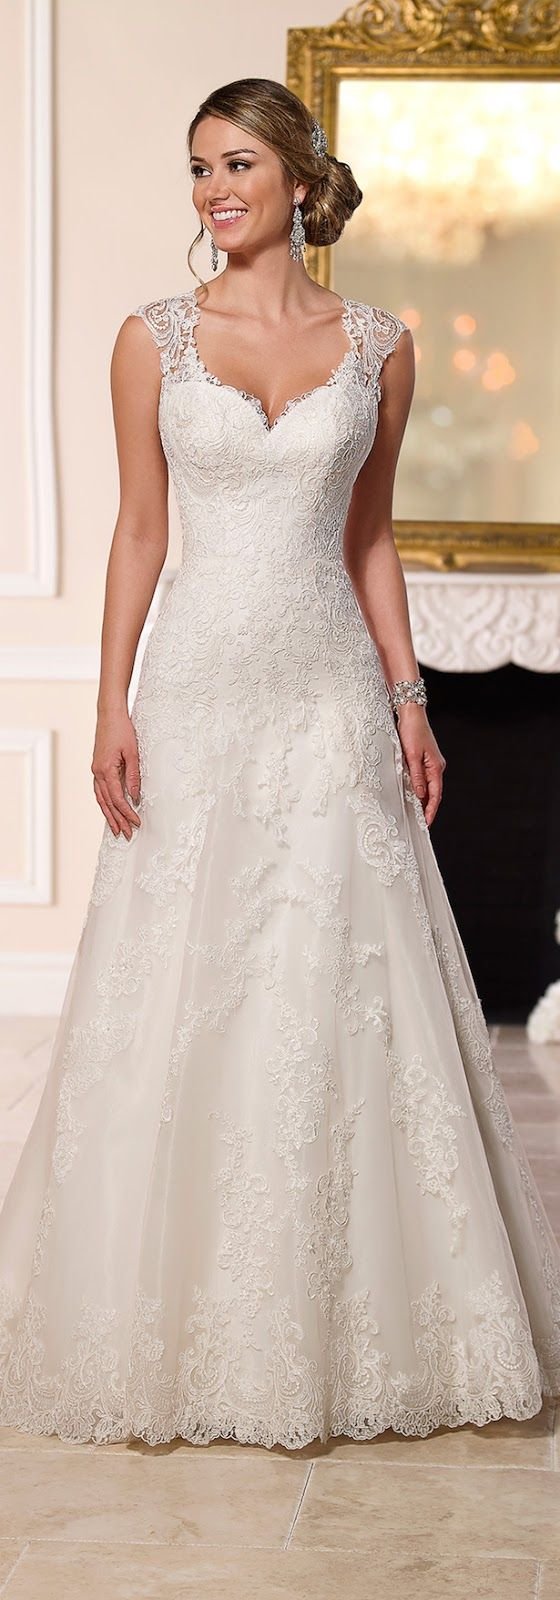 Hermosos vestidos de novias | Colección Stella York 2016